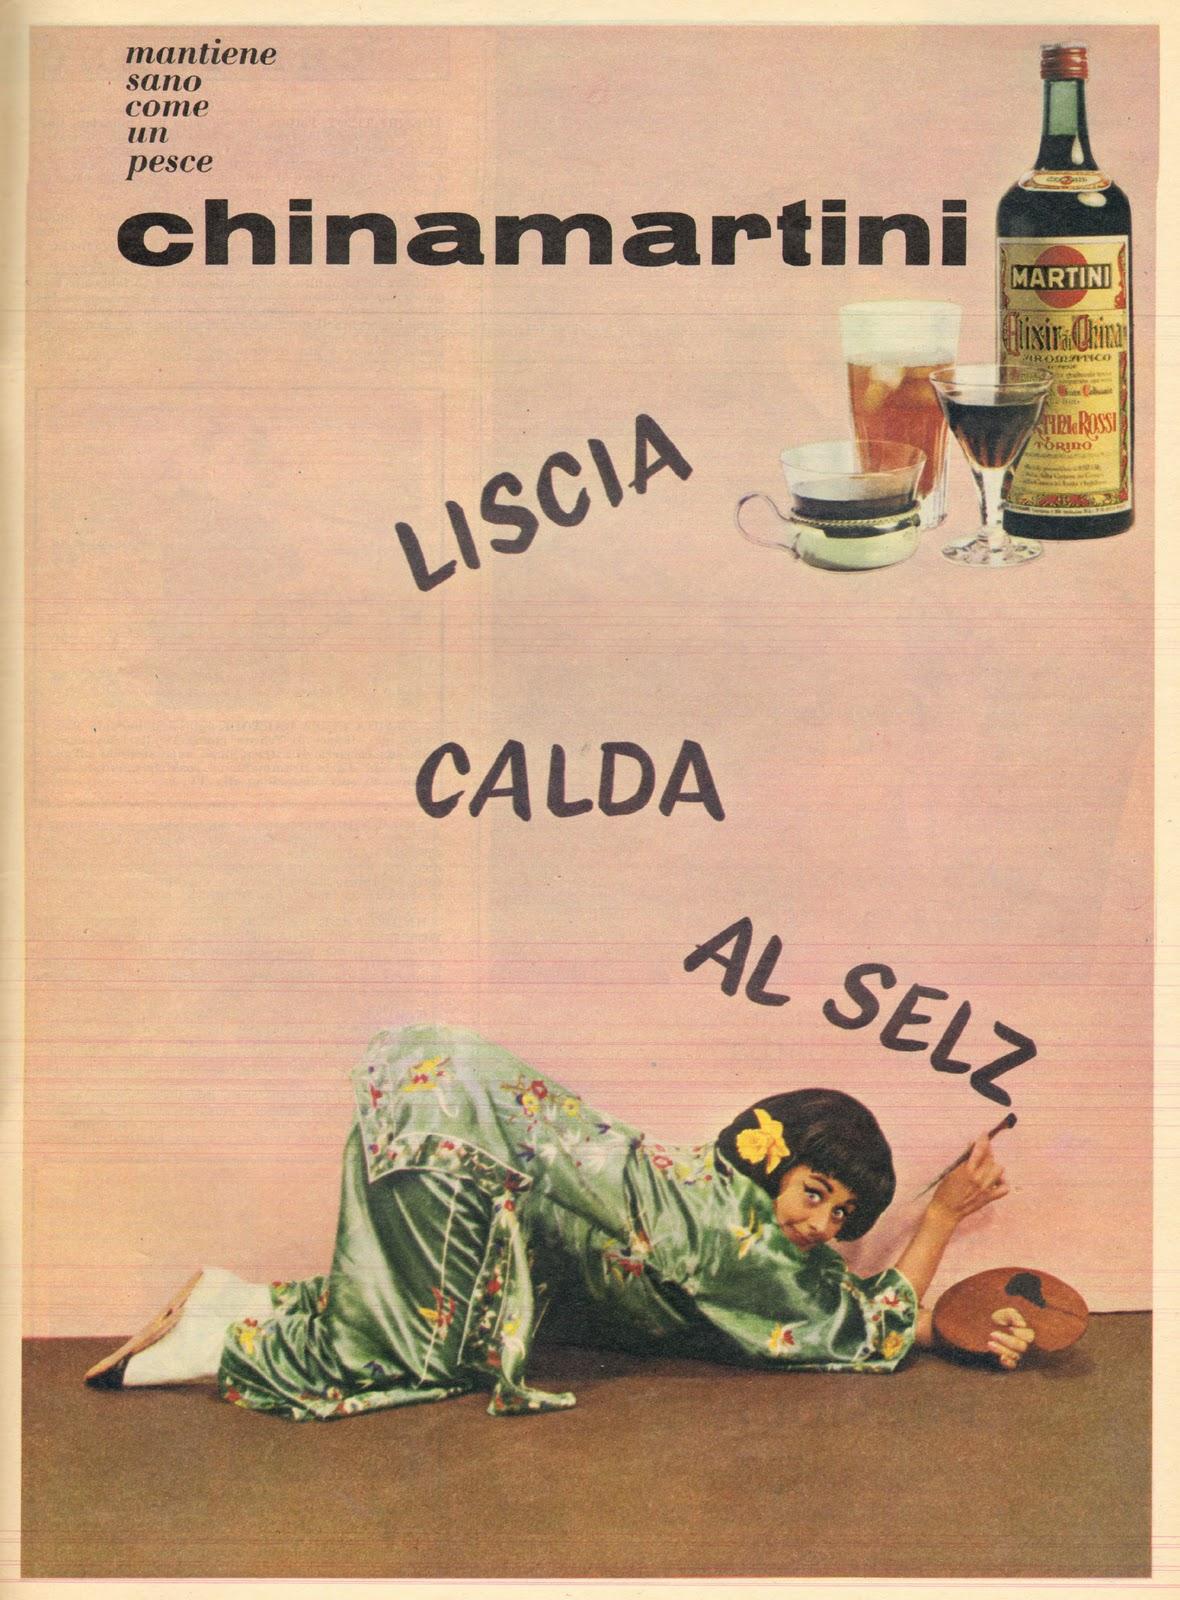 chinamartini-1963